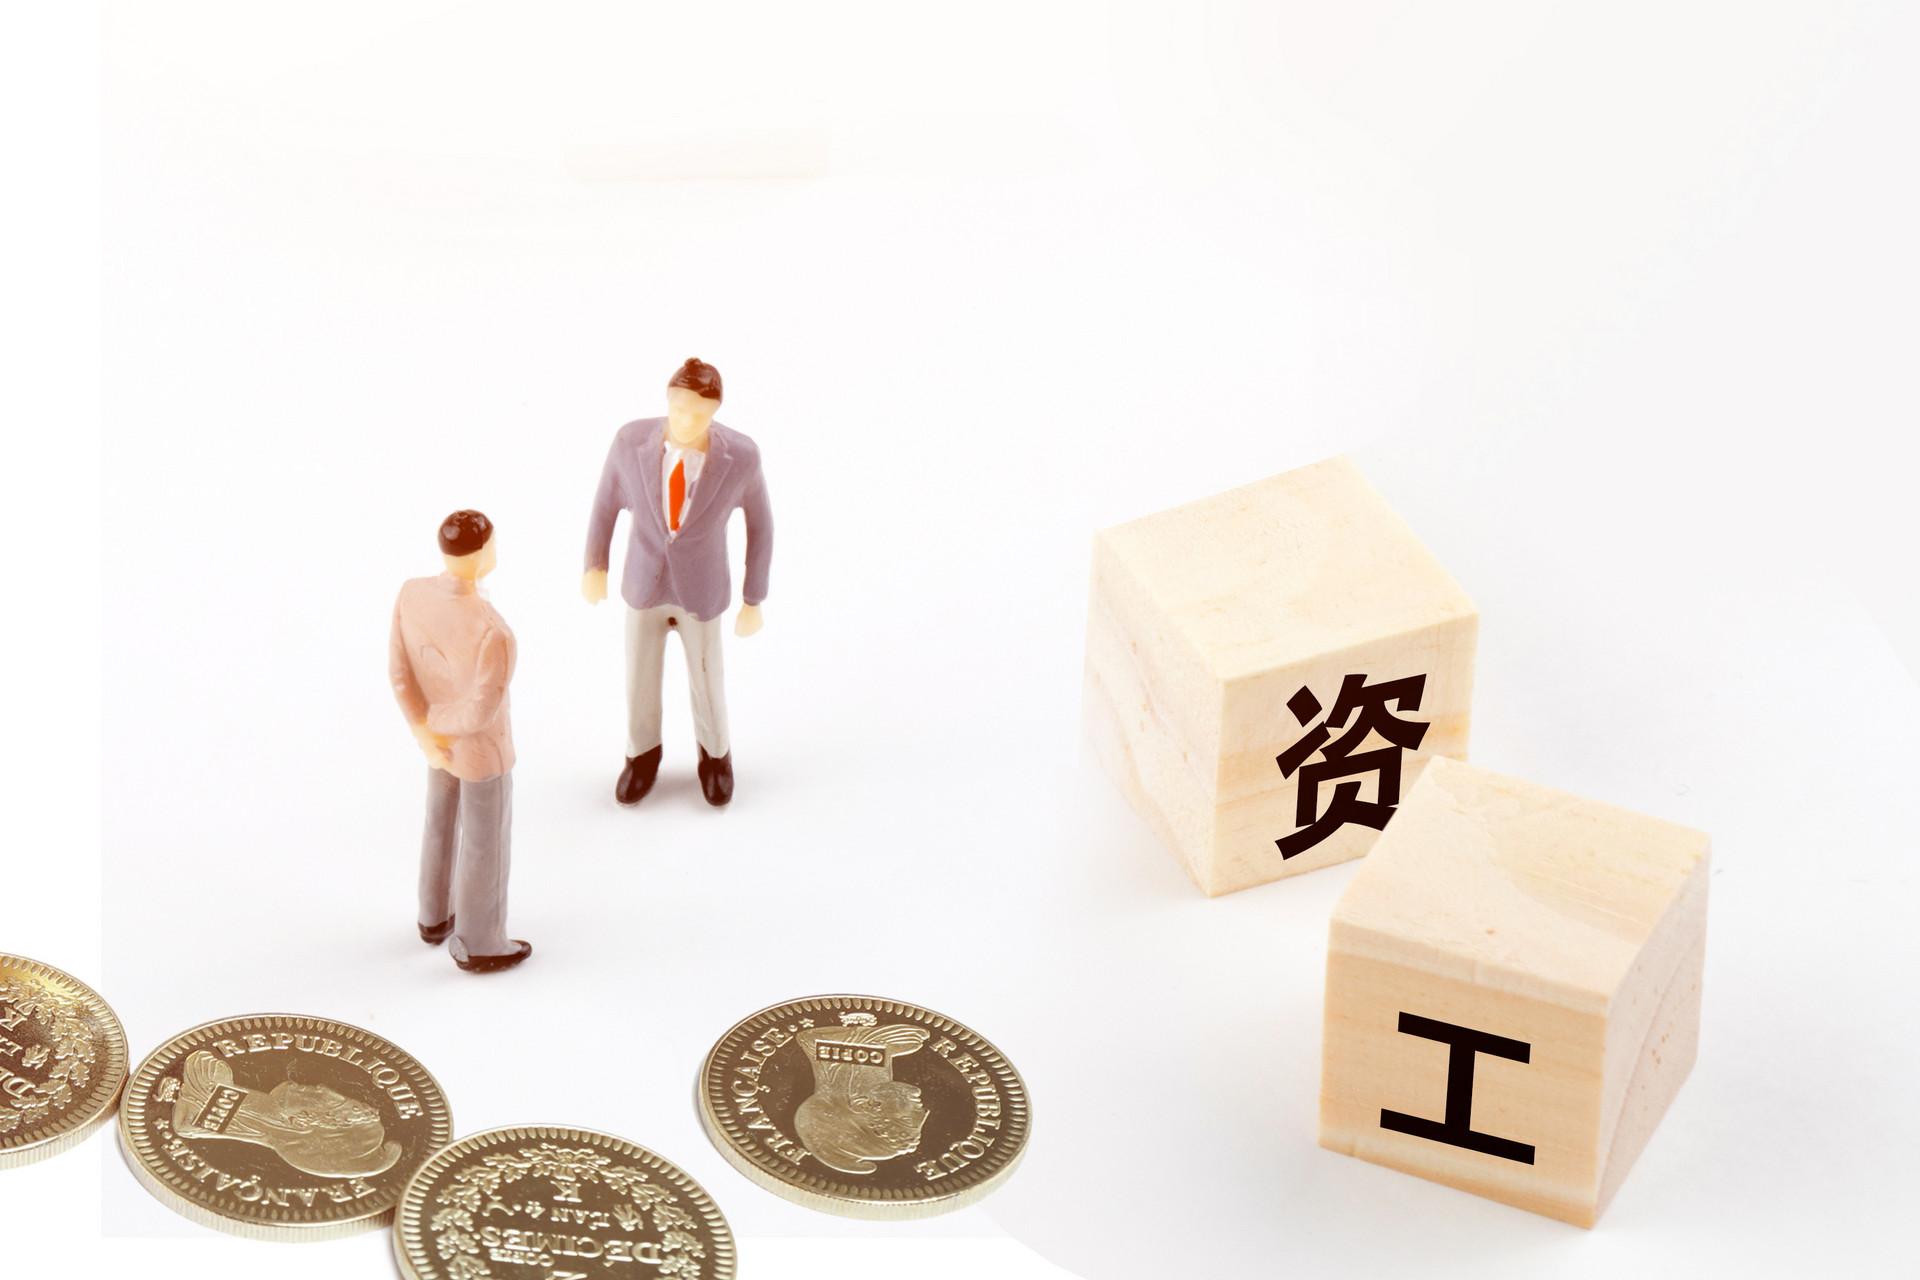 大数据背景下工资条的做法有了新的调整,安全性和私密性更高